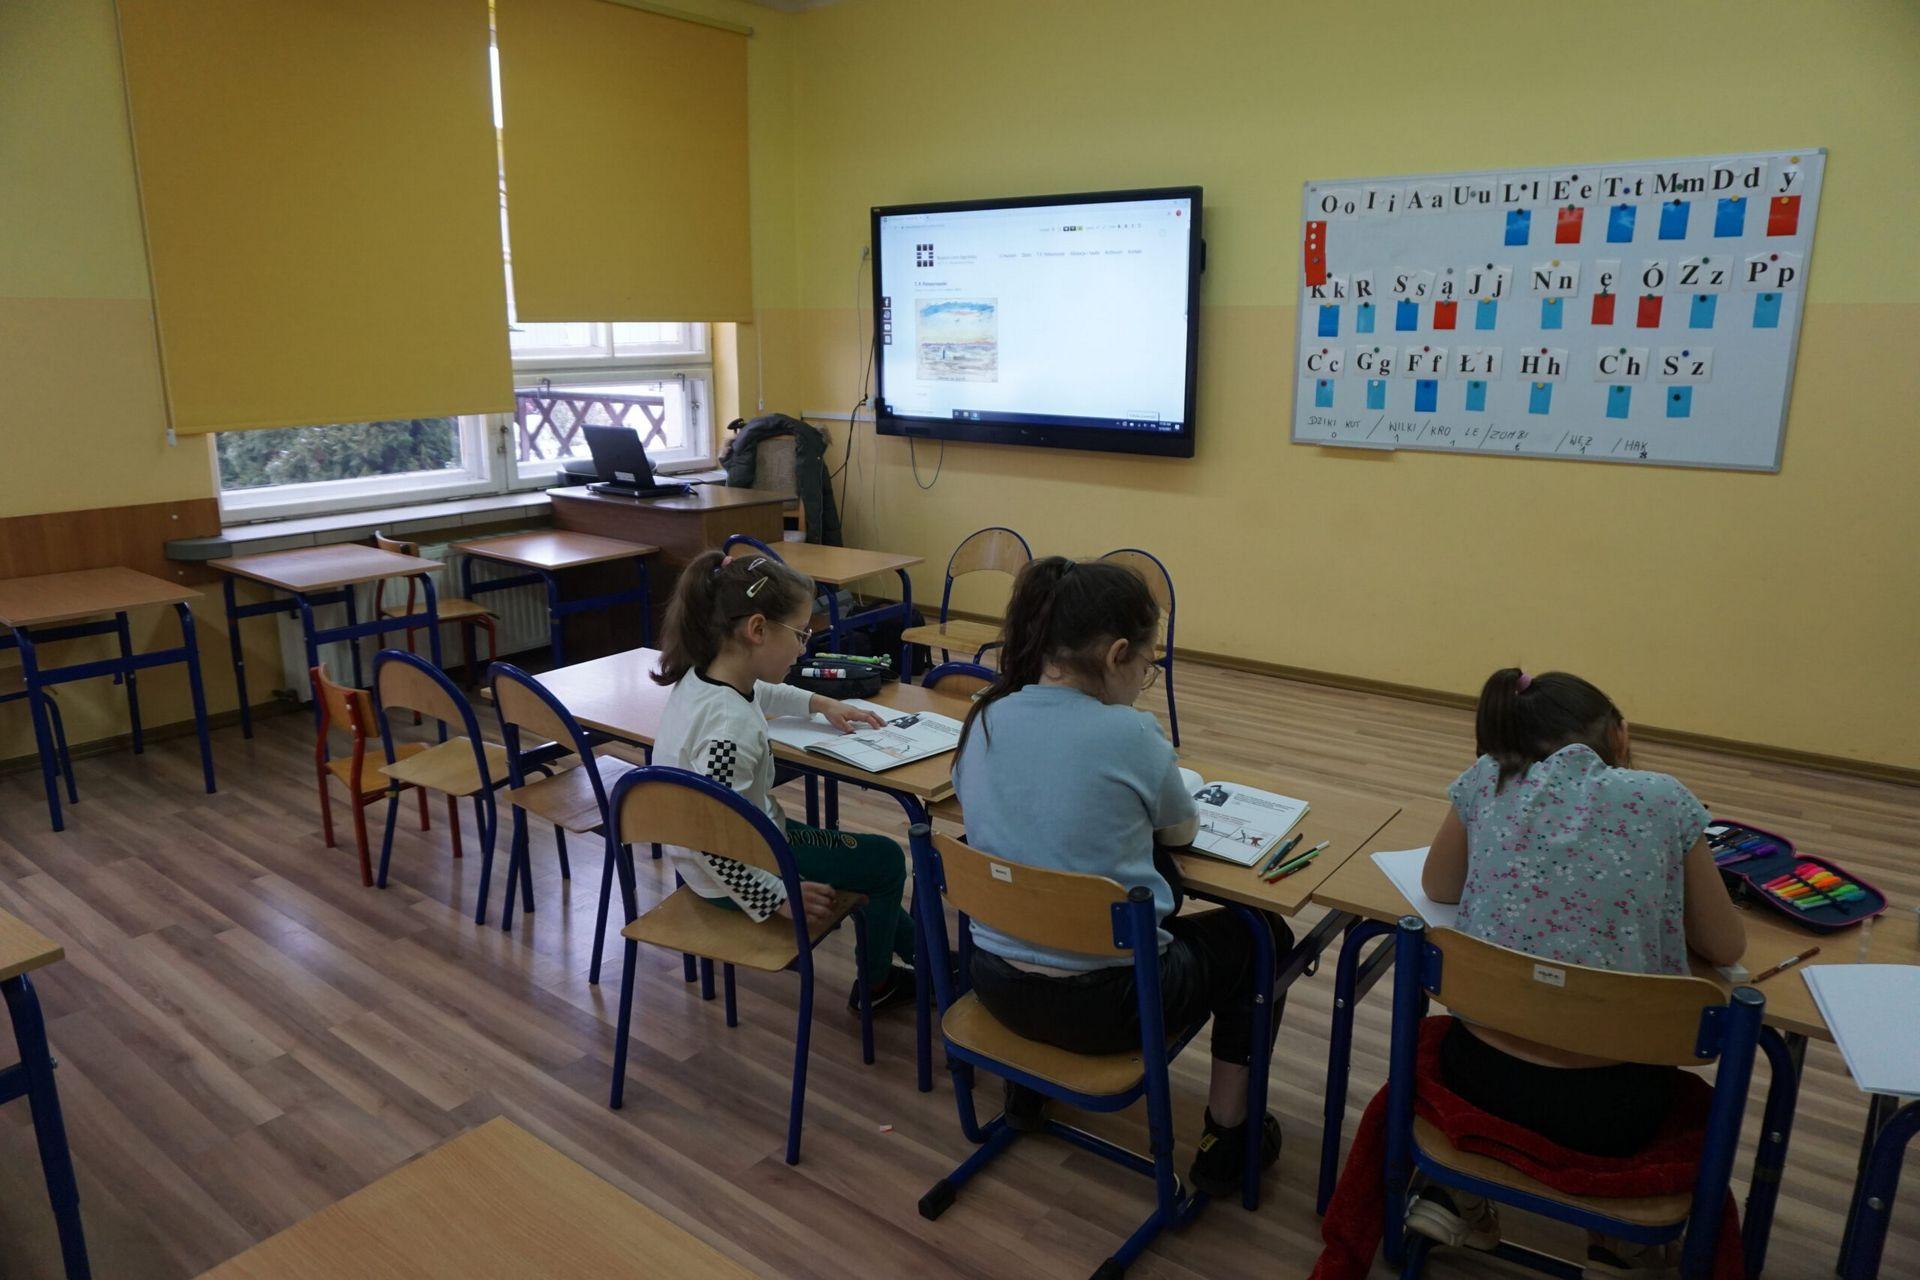 Dzieci siedzące w ławkach na warsztatach